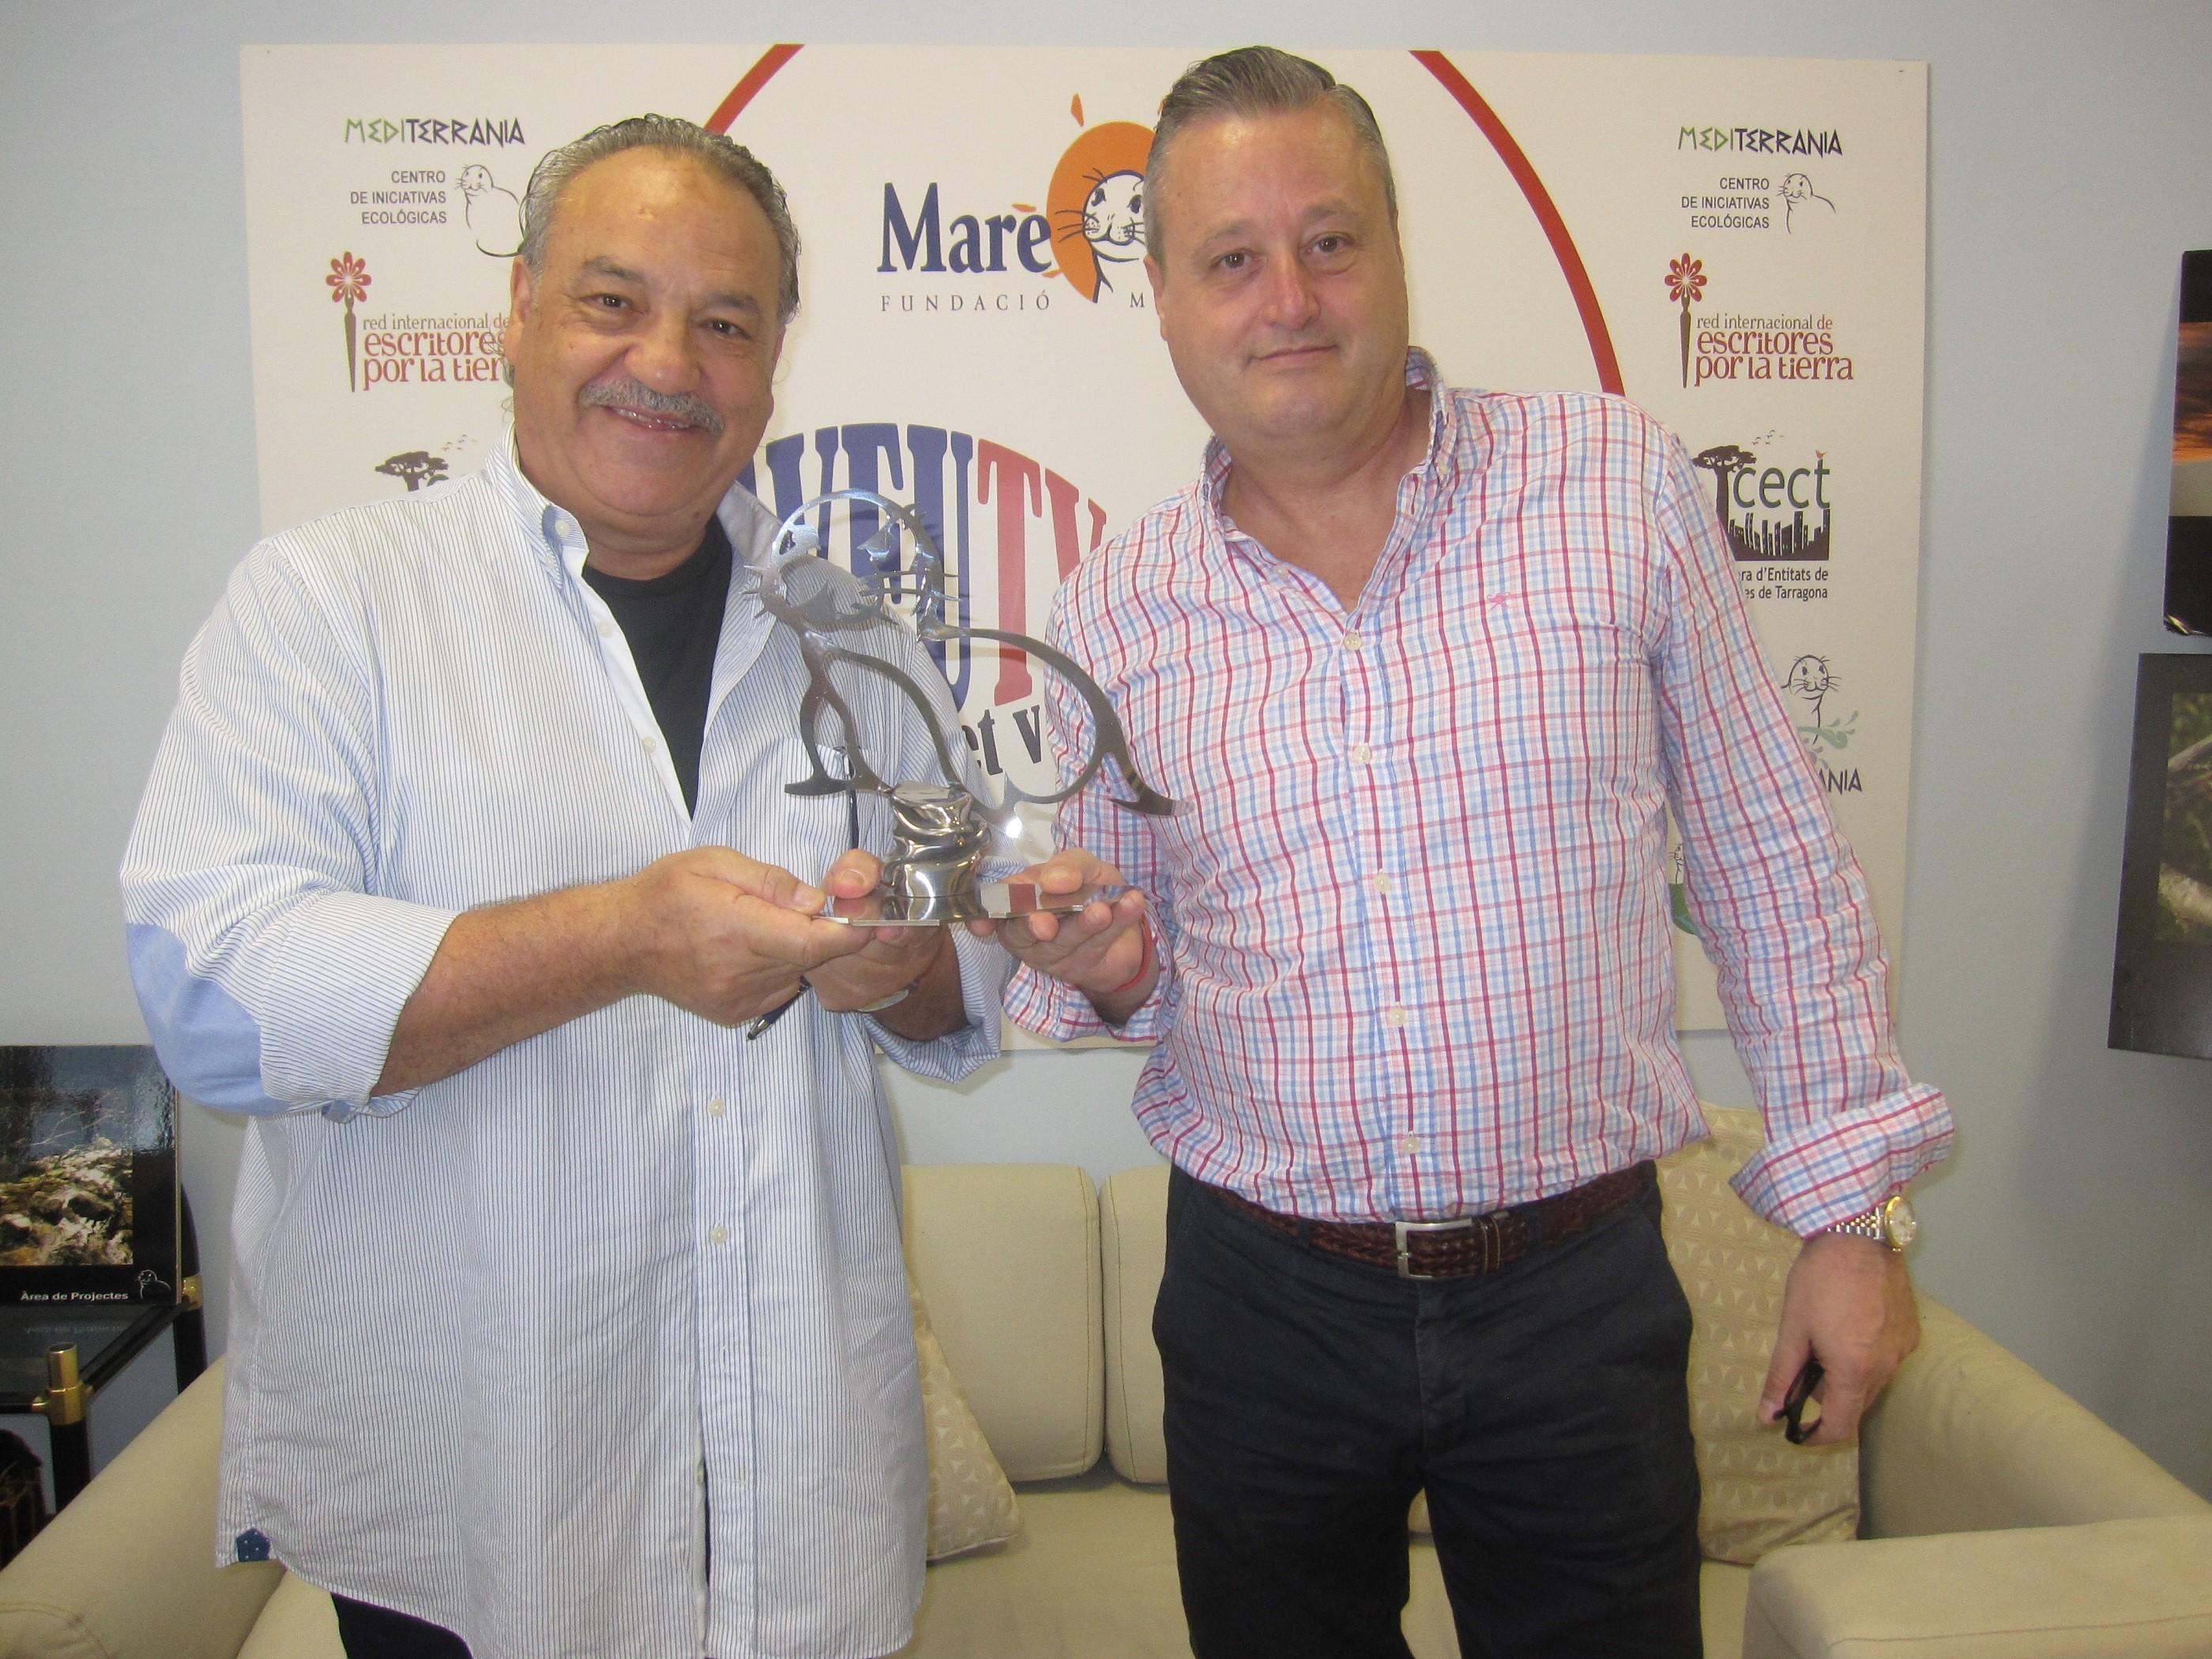 El portal informativo www.ECOticias.com otorgará un galardón dentro de la gala de los Premis Ones Mediterrània